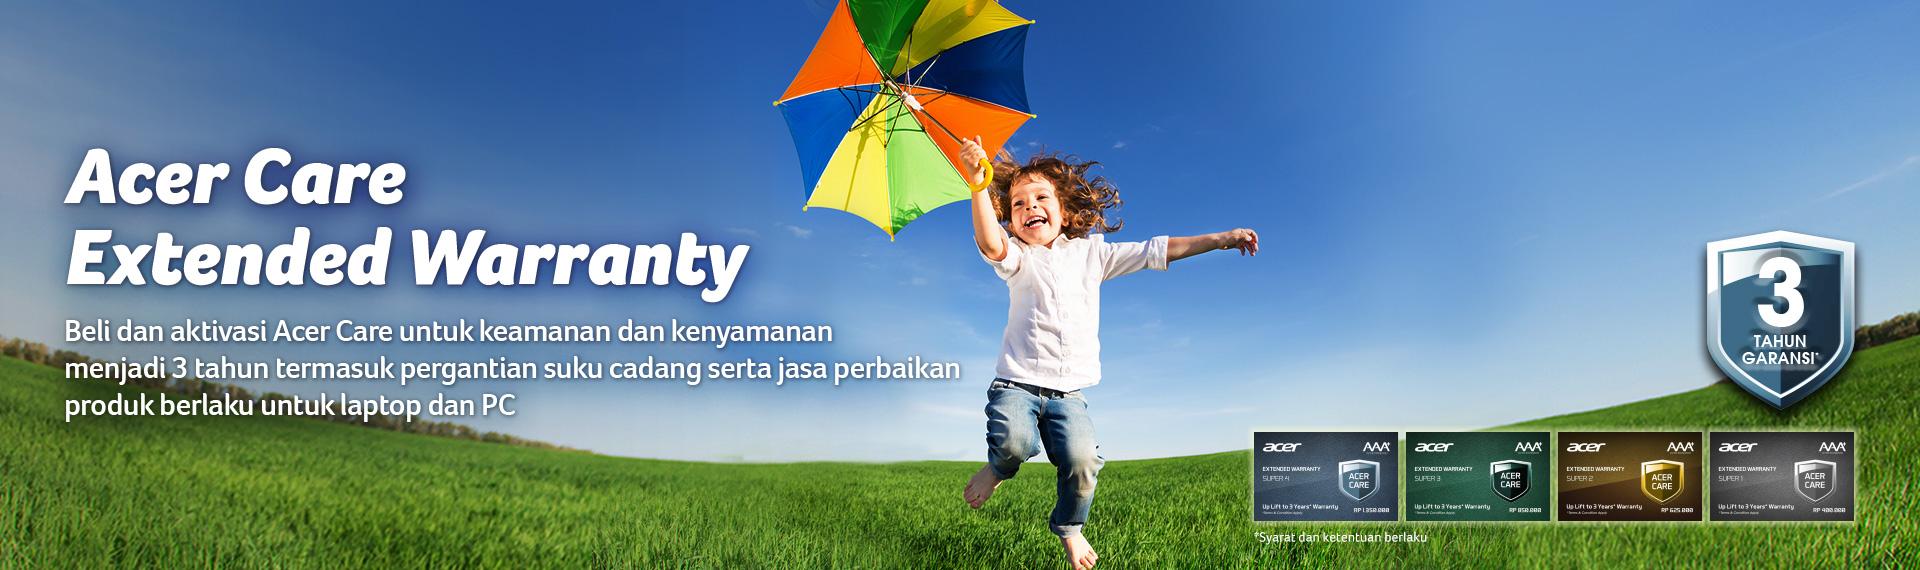 Nikmati Garansi Acer Selama 3 Tahun di Acer Care Extended Warranty!